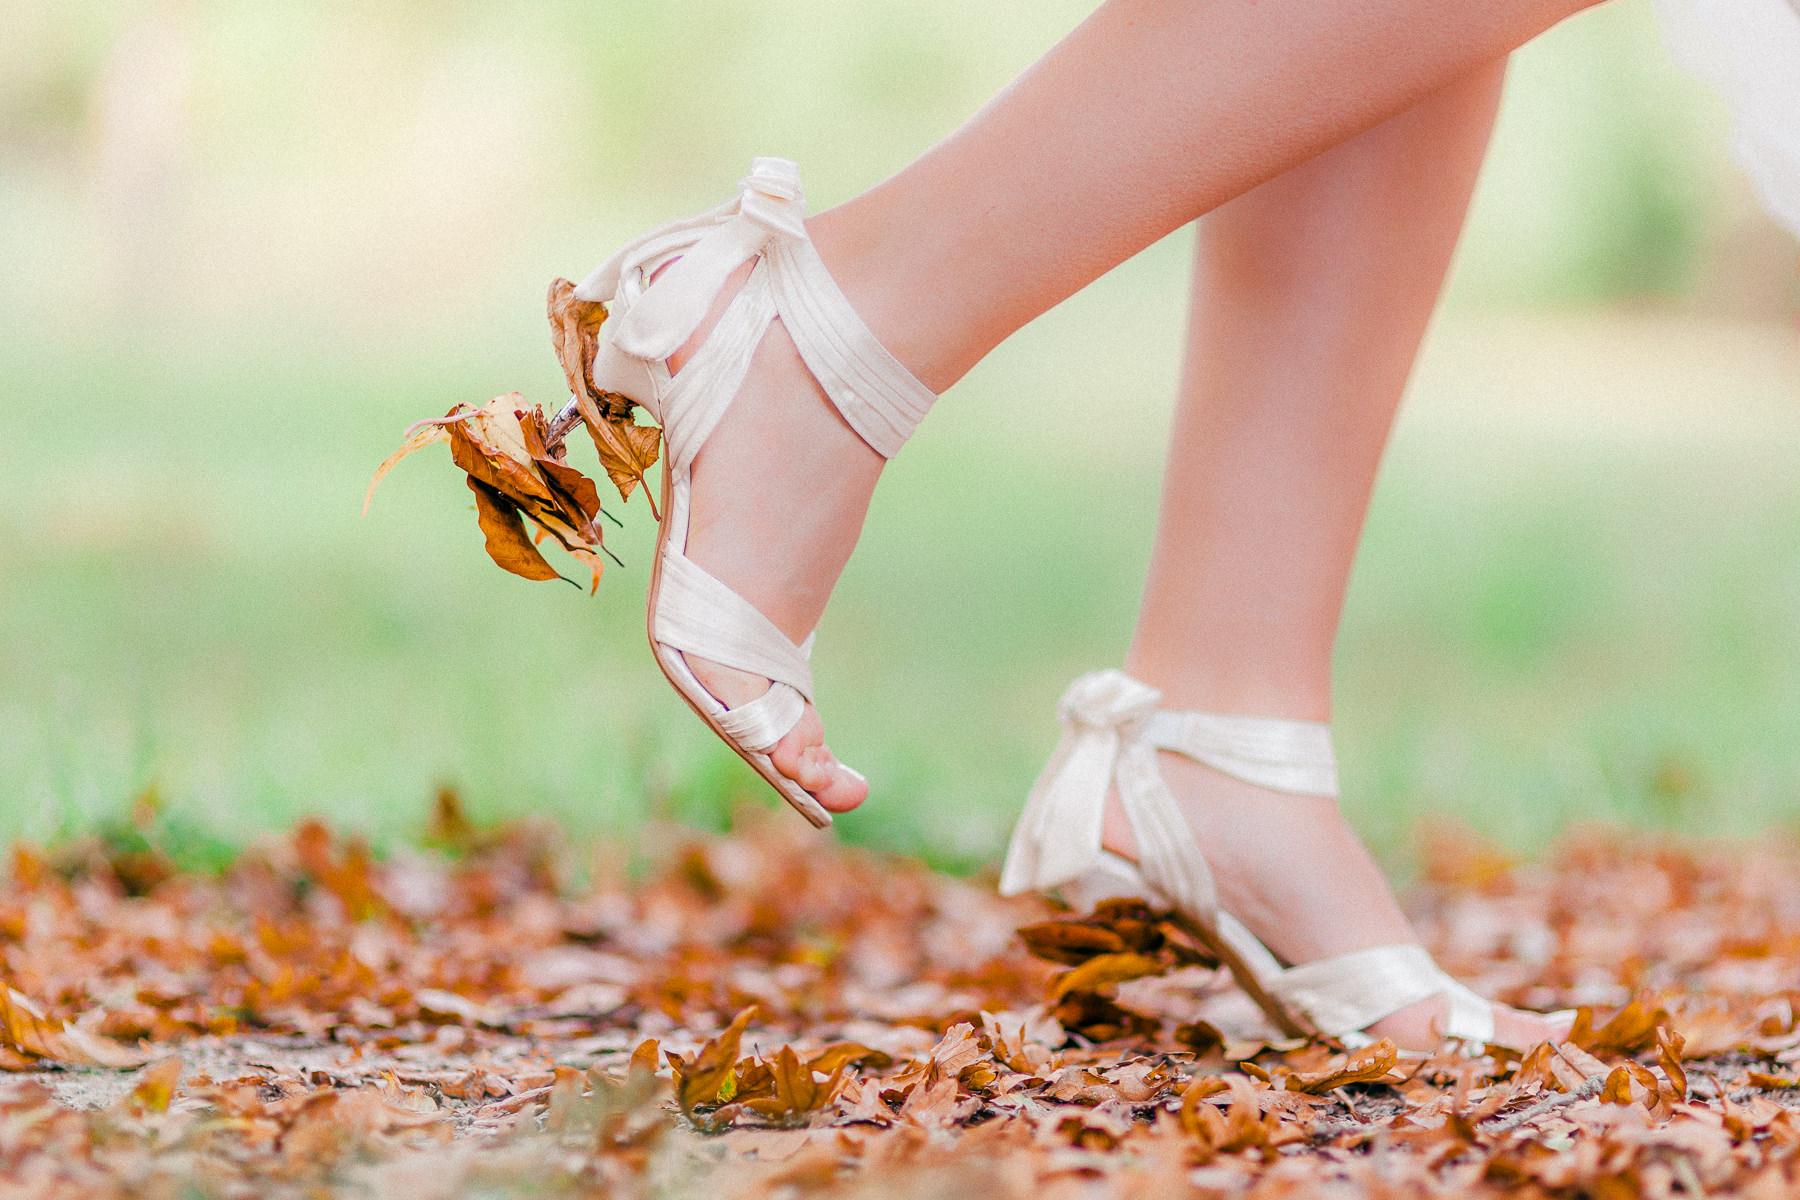 Trouwen in de herfst | Trouwen in het bos | Trouwfotoshoot in het bos | Herfstbruiloft inspiratie